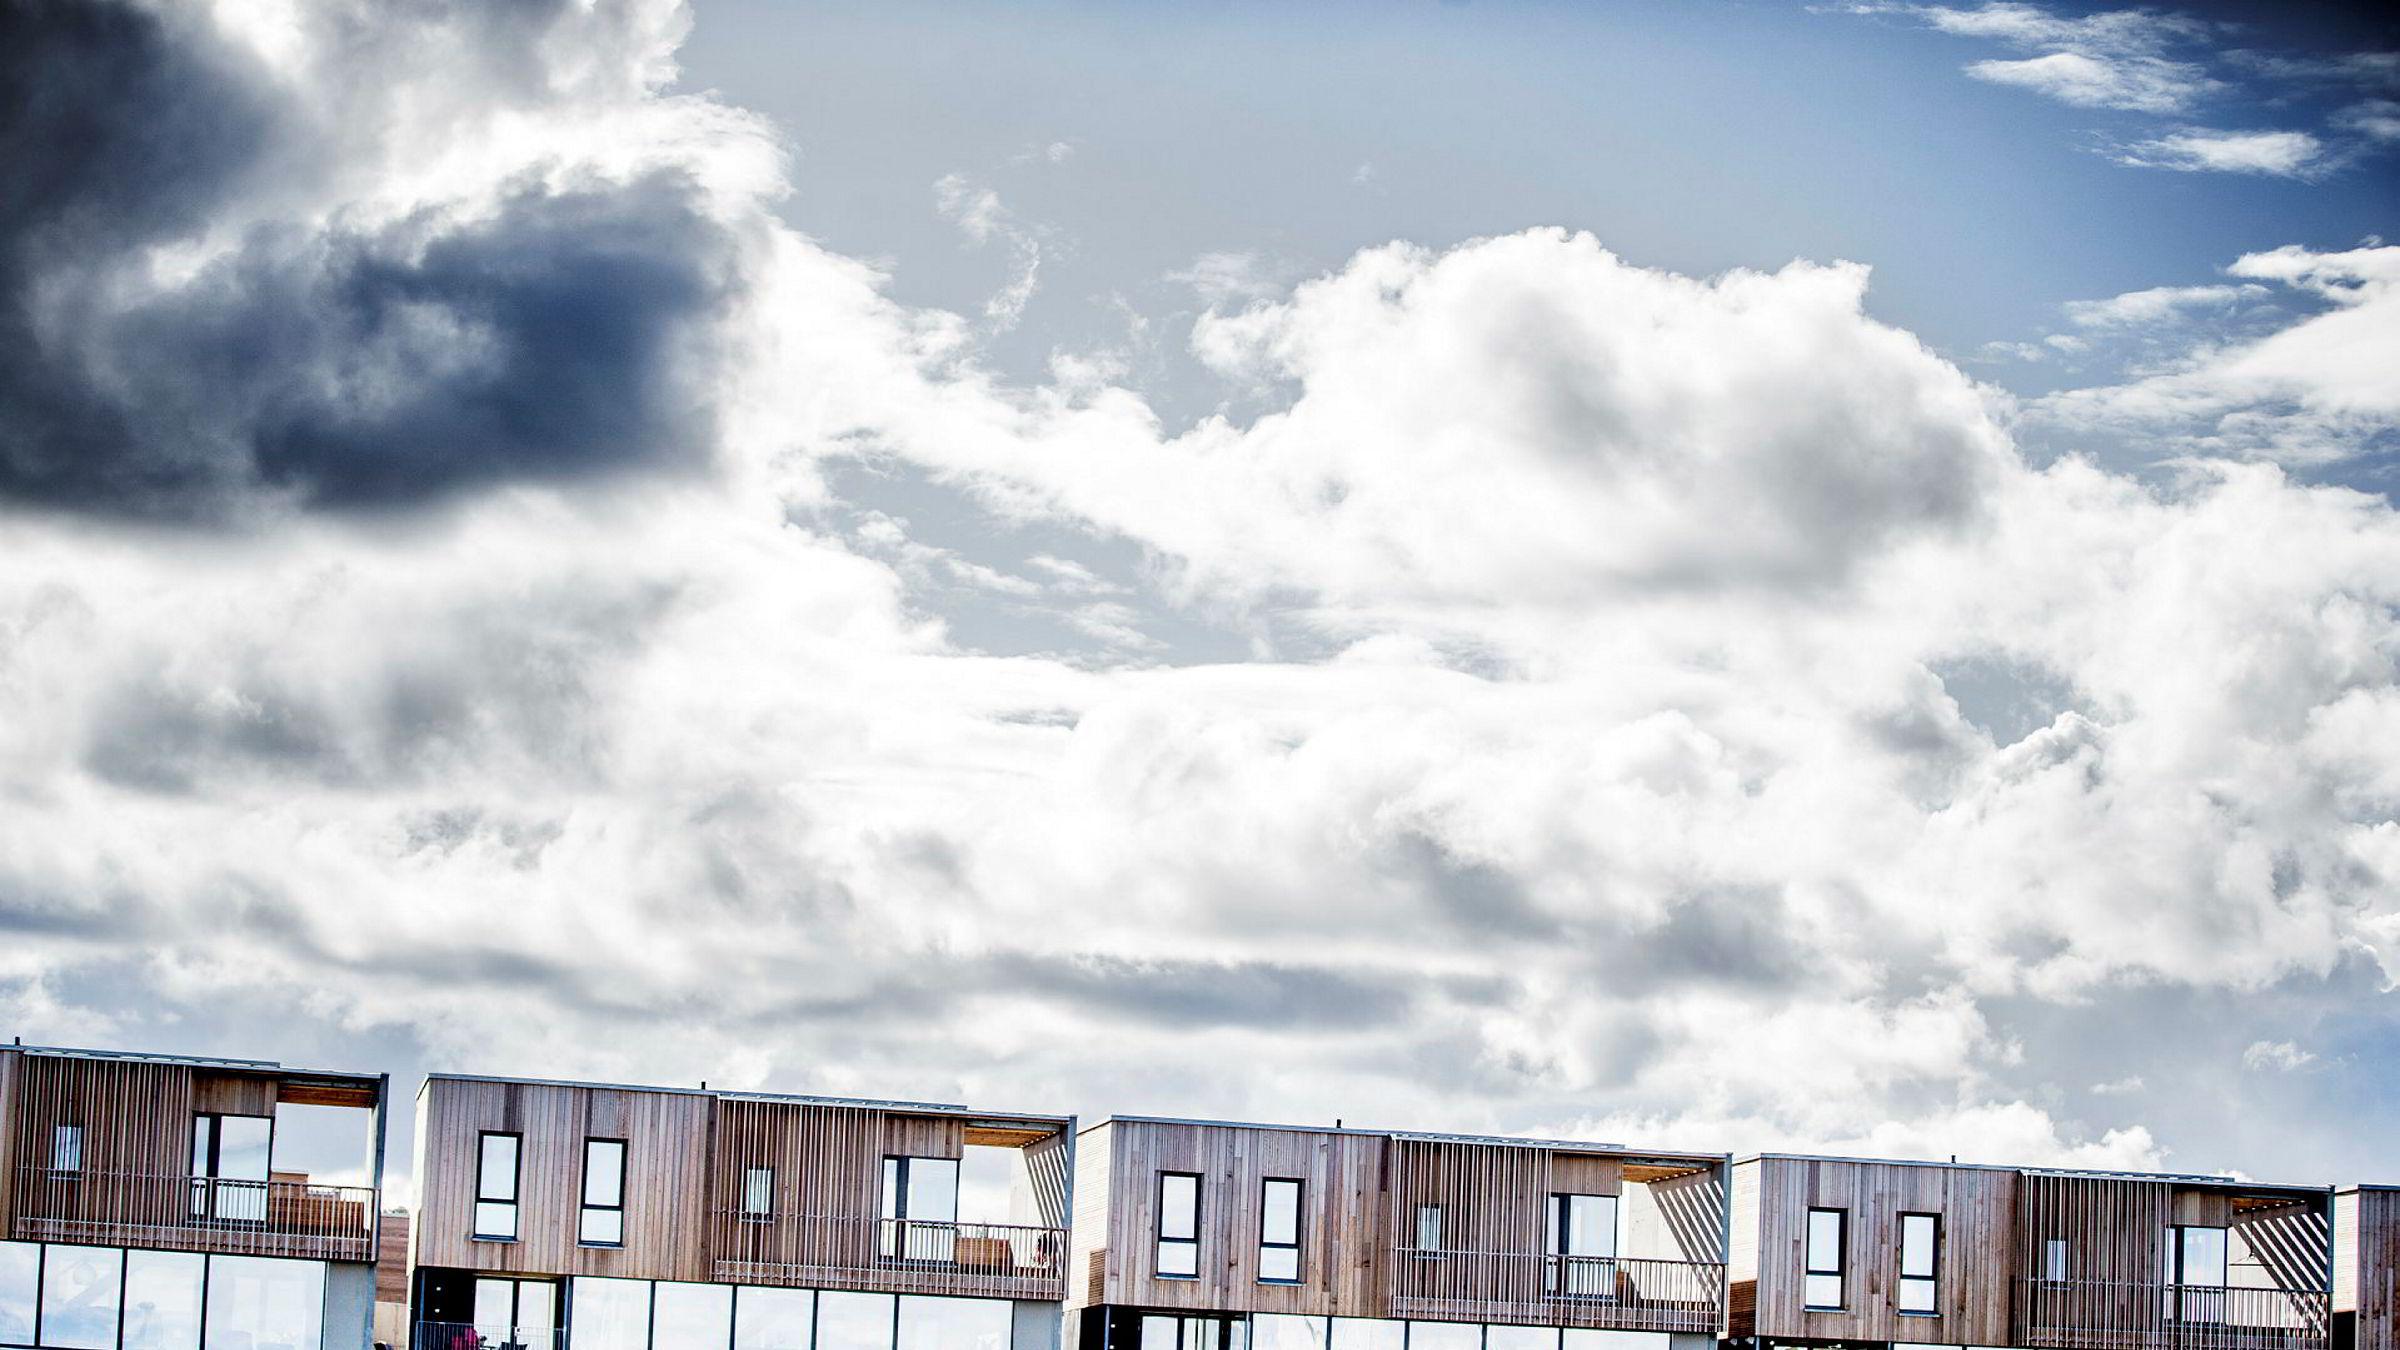 Antallet usolgte boliger synker. Illustrasjonsbilde fra nyboligprosjekt på Grillstad Marina i Trondheim.